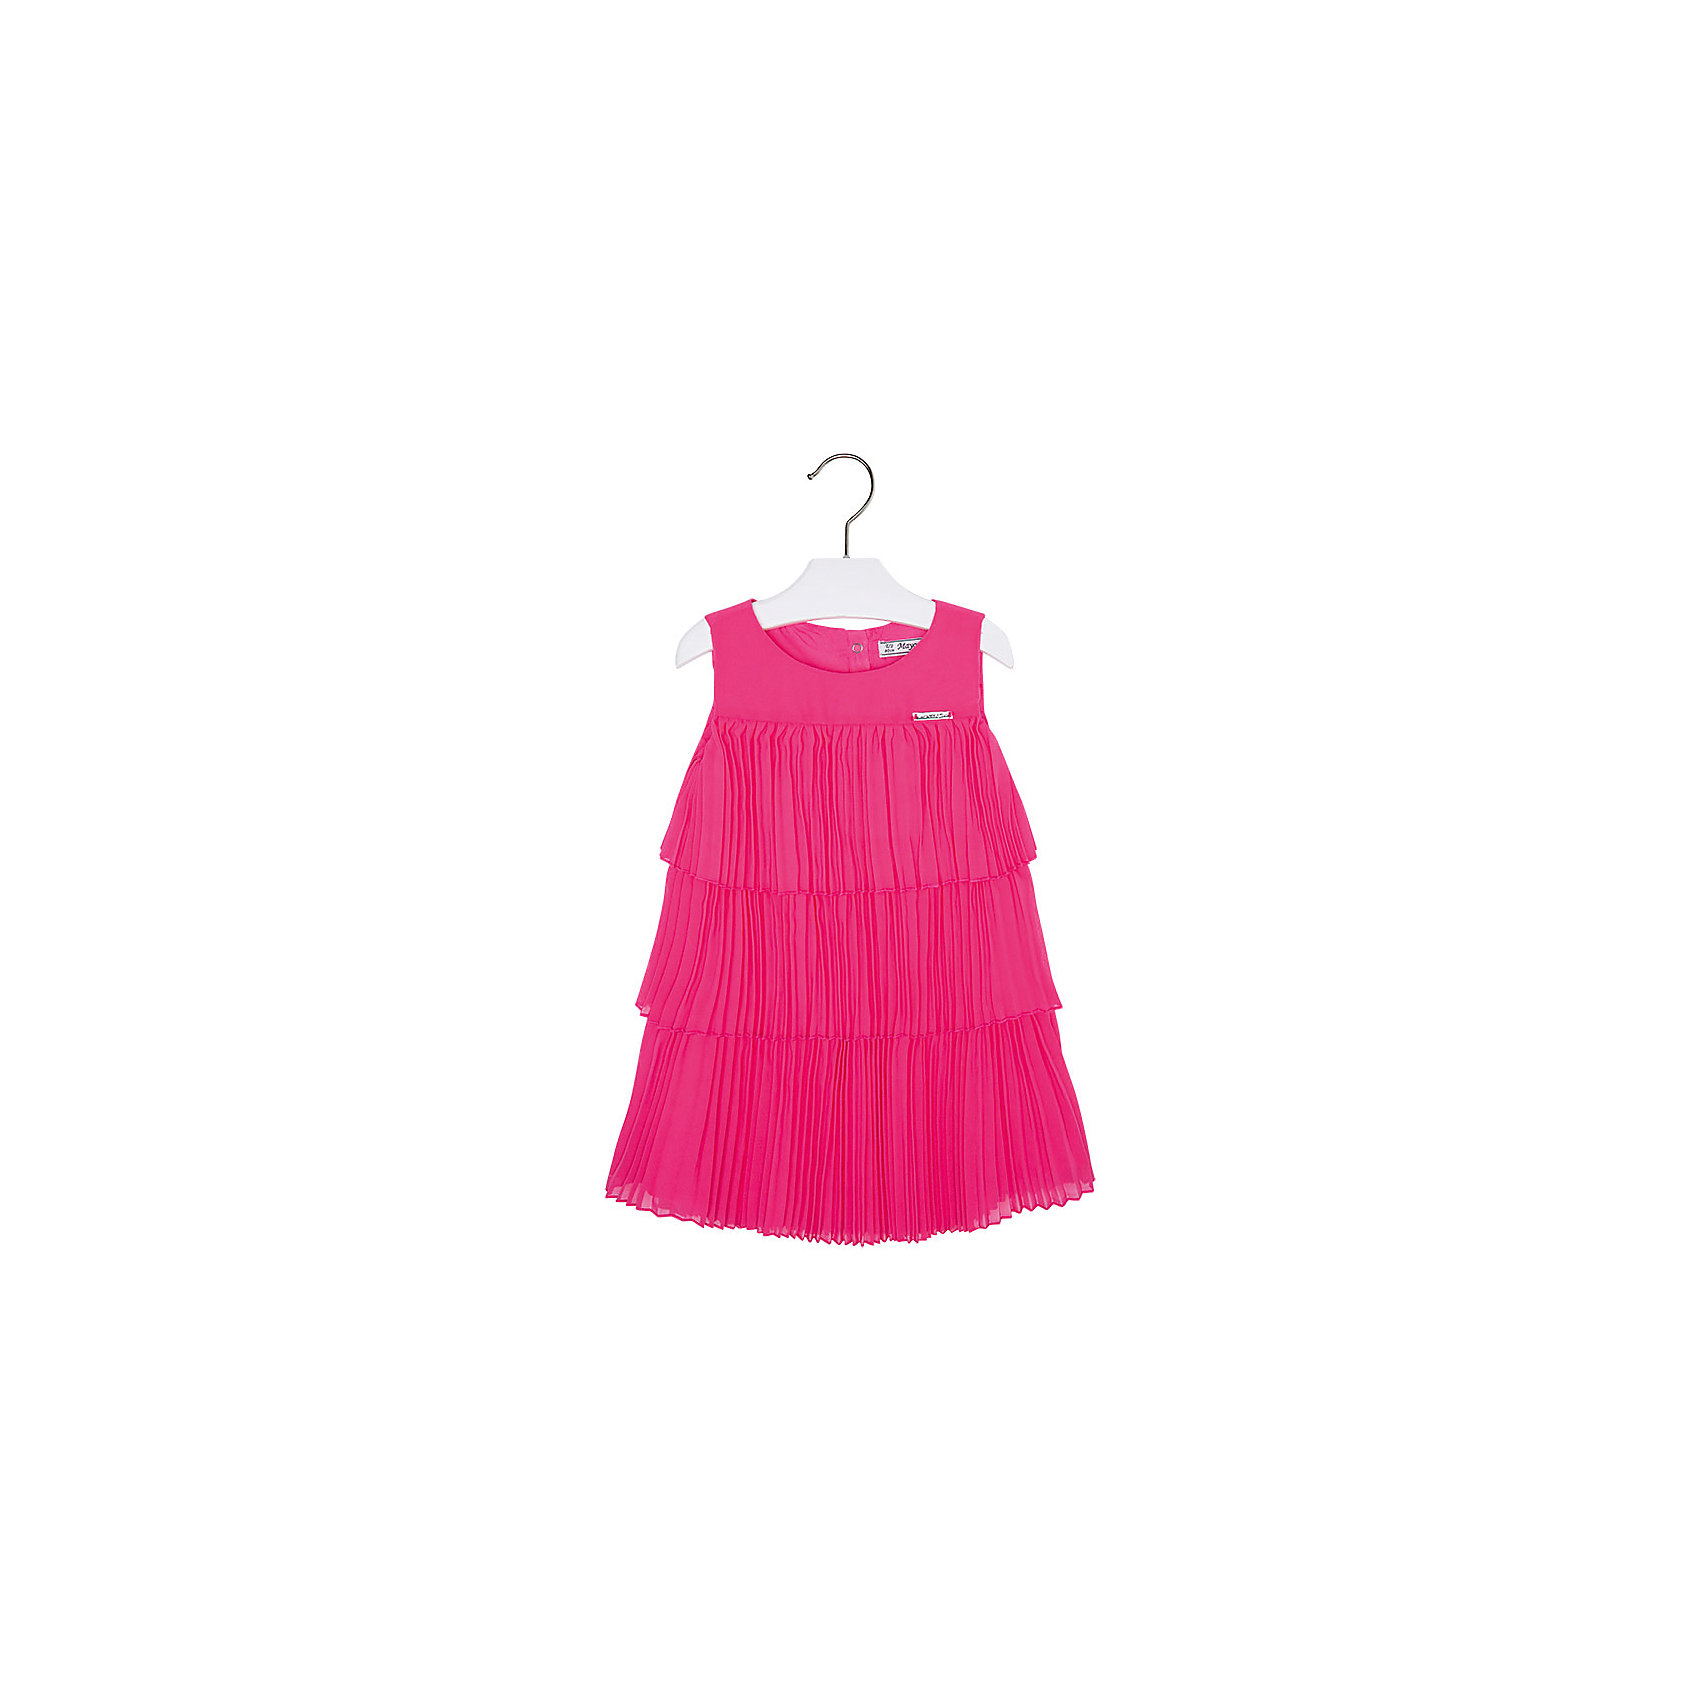 Платье для девочки MayoralОдежда<br>Платье для девочки от известной испанской марки Mayoral <br><br>Очень красивое платье от Mayoral отлично смотрится на любой маленькой принцессе! Выглядит нарядно и оригинально. Модель выполнена из качественных материалов, отлично сидит по фигуре.<br><br>Особенности модели:<br><br>- цвет: розовый;<br>- силуэт - многоярусный;<br>- сзади молния.<br><br>Дополнительная информация:<br><br>Состав: 100% полиэстер<br><br>Платье для девочки Mayoral (Майорал) можно купить в нашем магазине.<br><br>Ширина мм: 236<br>Глубина мм: 16<br>Высота мм: 184<br>Вес г: 177<br>Цвет: розовый<br>Возраст от месяцев: 24<br>Возраст до месяцев: 36<br>Пол: Женский<br>Возраст: Детский<br>Размер: 98,128,110,116,134,122,104<br>SKU: 4543189